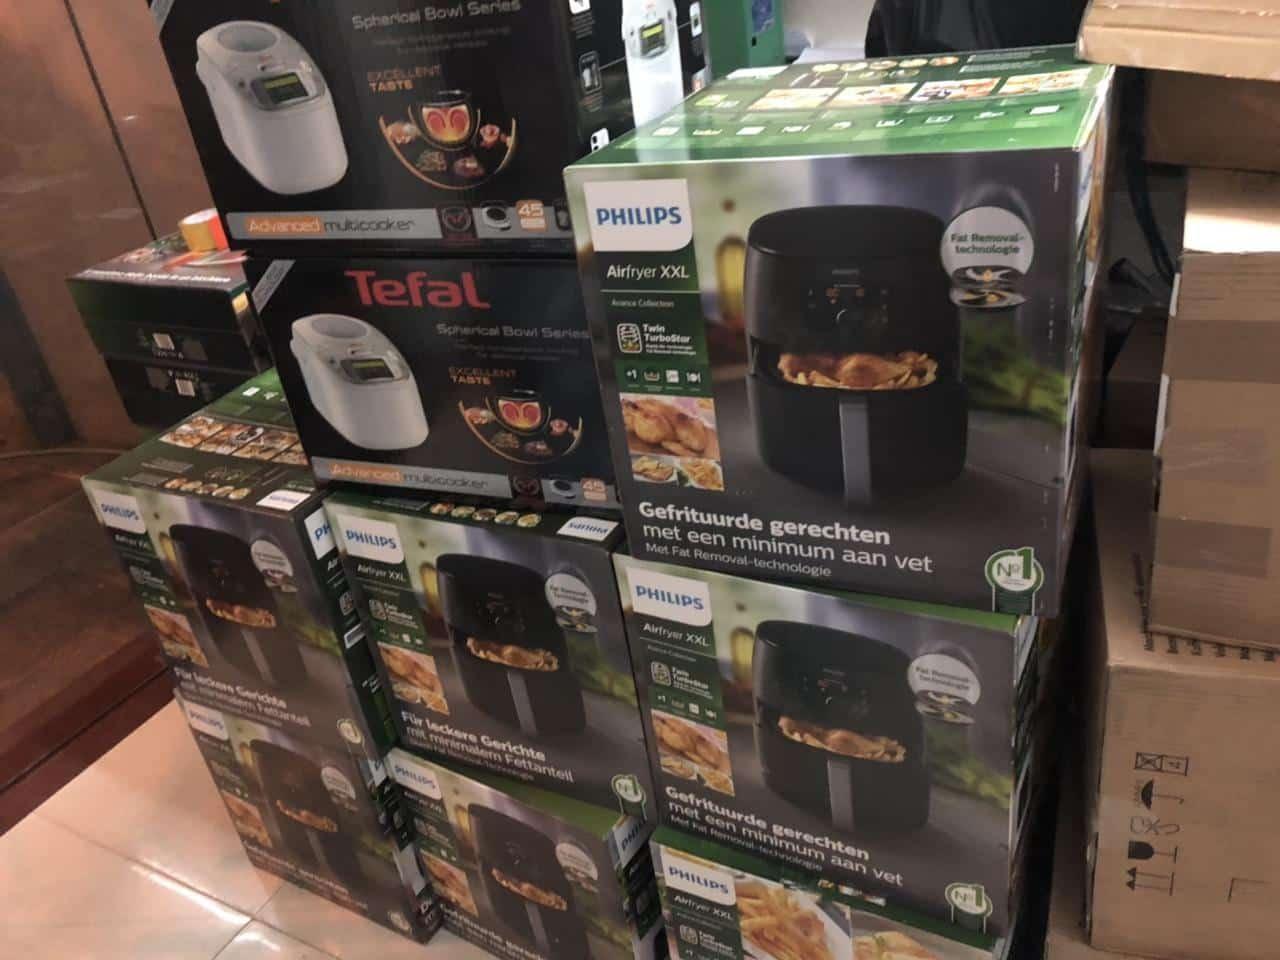 Kho hàng thực tế Thiết bị nhà bếp châu âu giá sỉ của Bếp Lê Phan